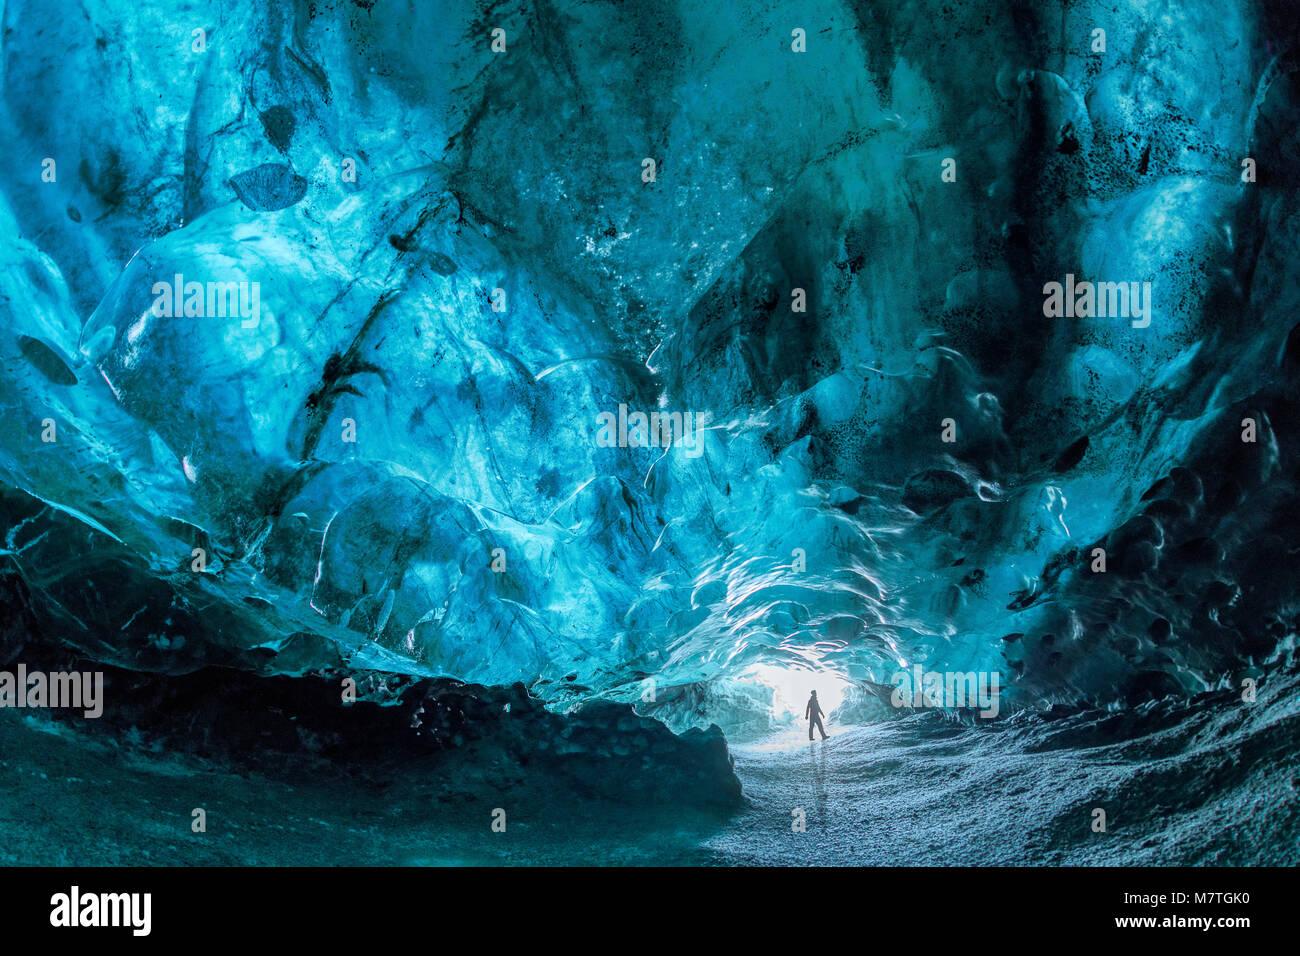 Interior de una cueva de hielo azul en el glaciar Vatnajokull, el glaciar más grande de Europa, cerca de Jokulsarlon, Islandia Foto de stock